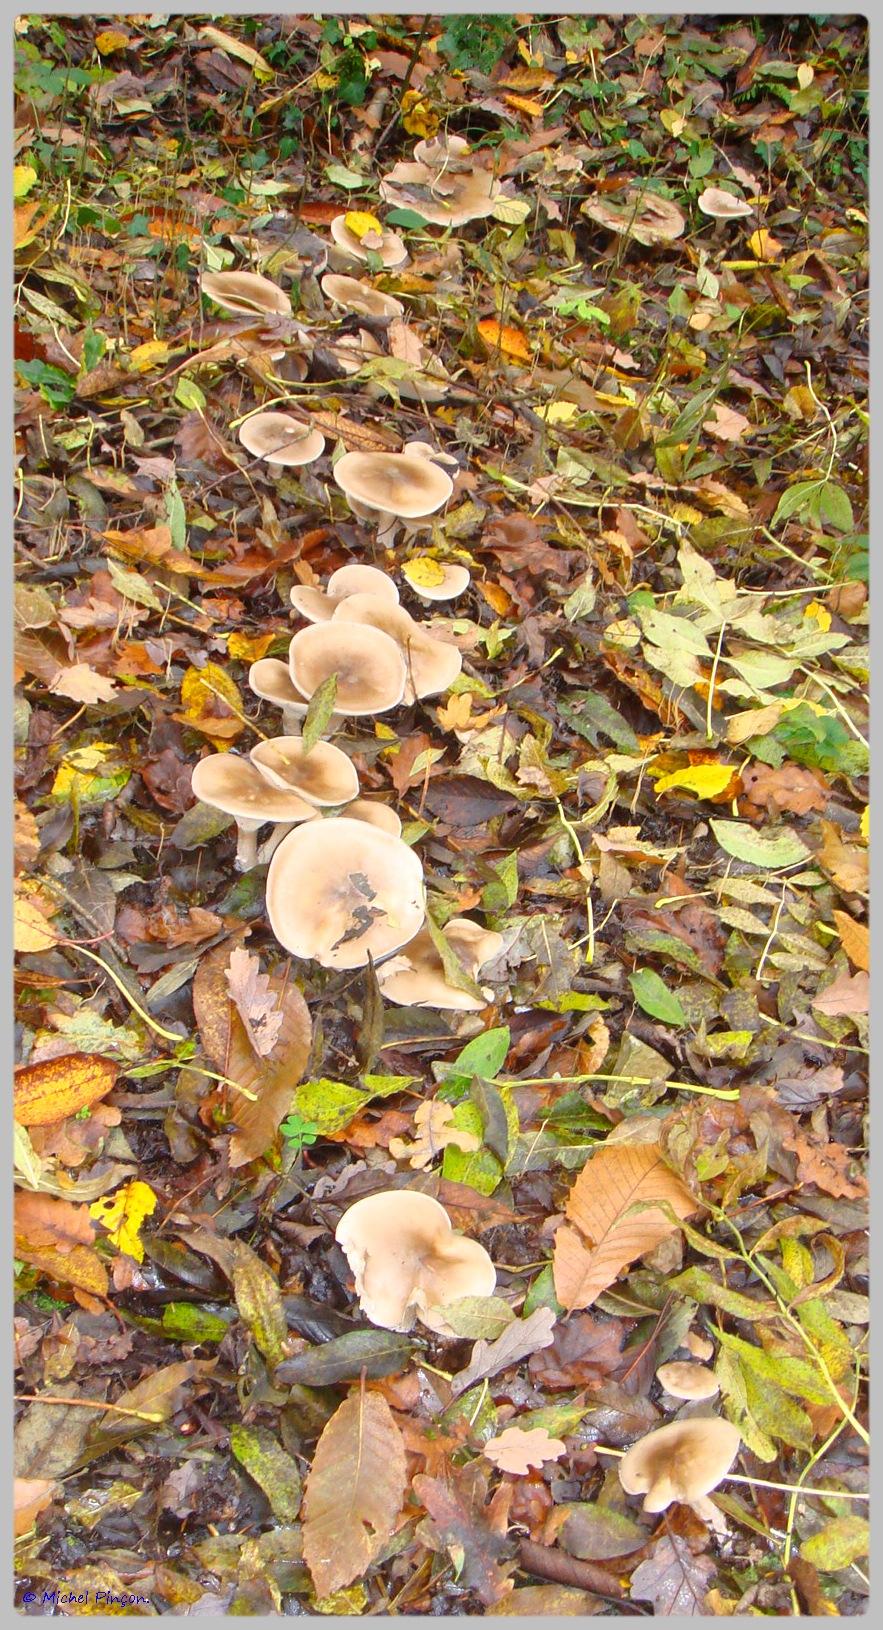 [fil ouvert] les champignons - Page 5 146692DSC011570